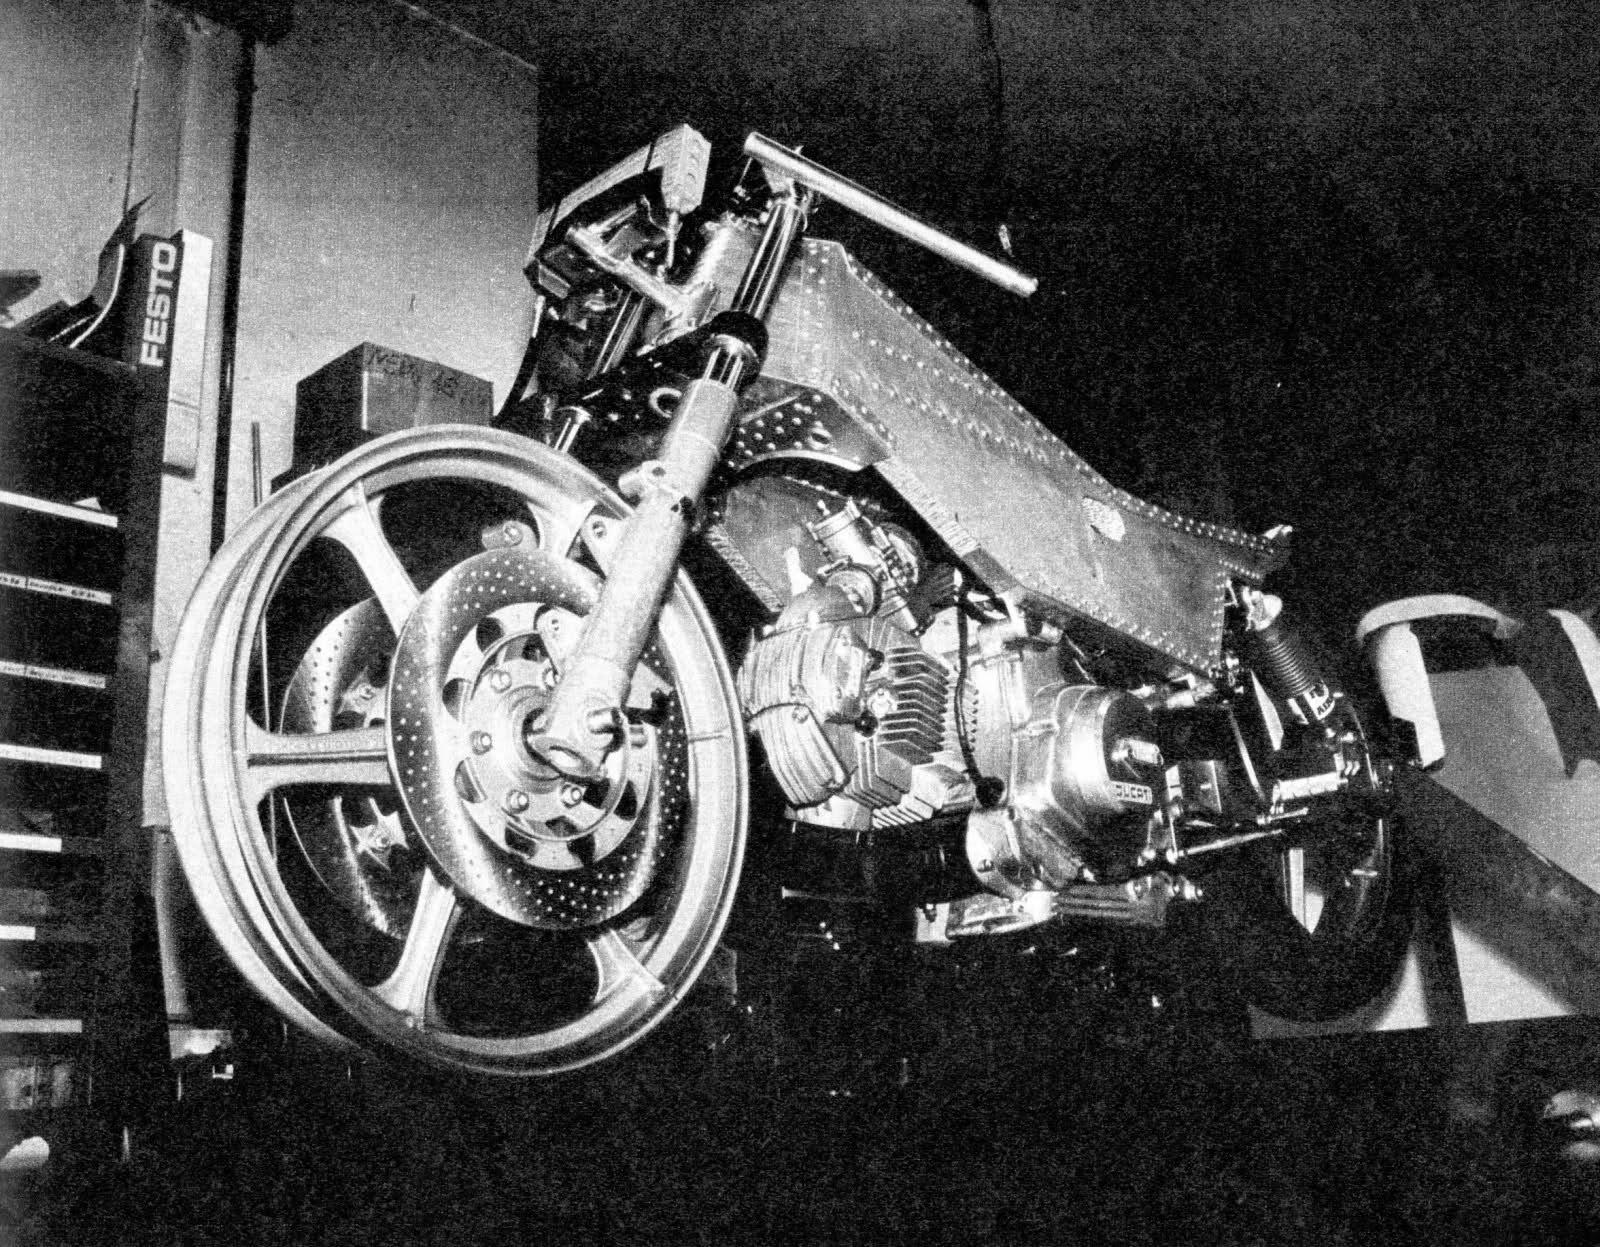 Réplica Ducati 50 de circuito - Página 2 Ohin0z